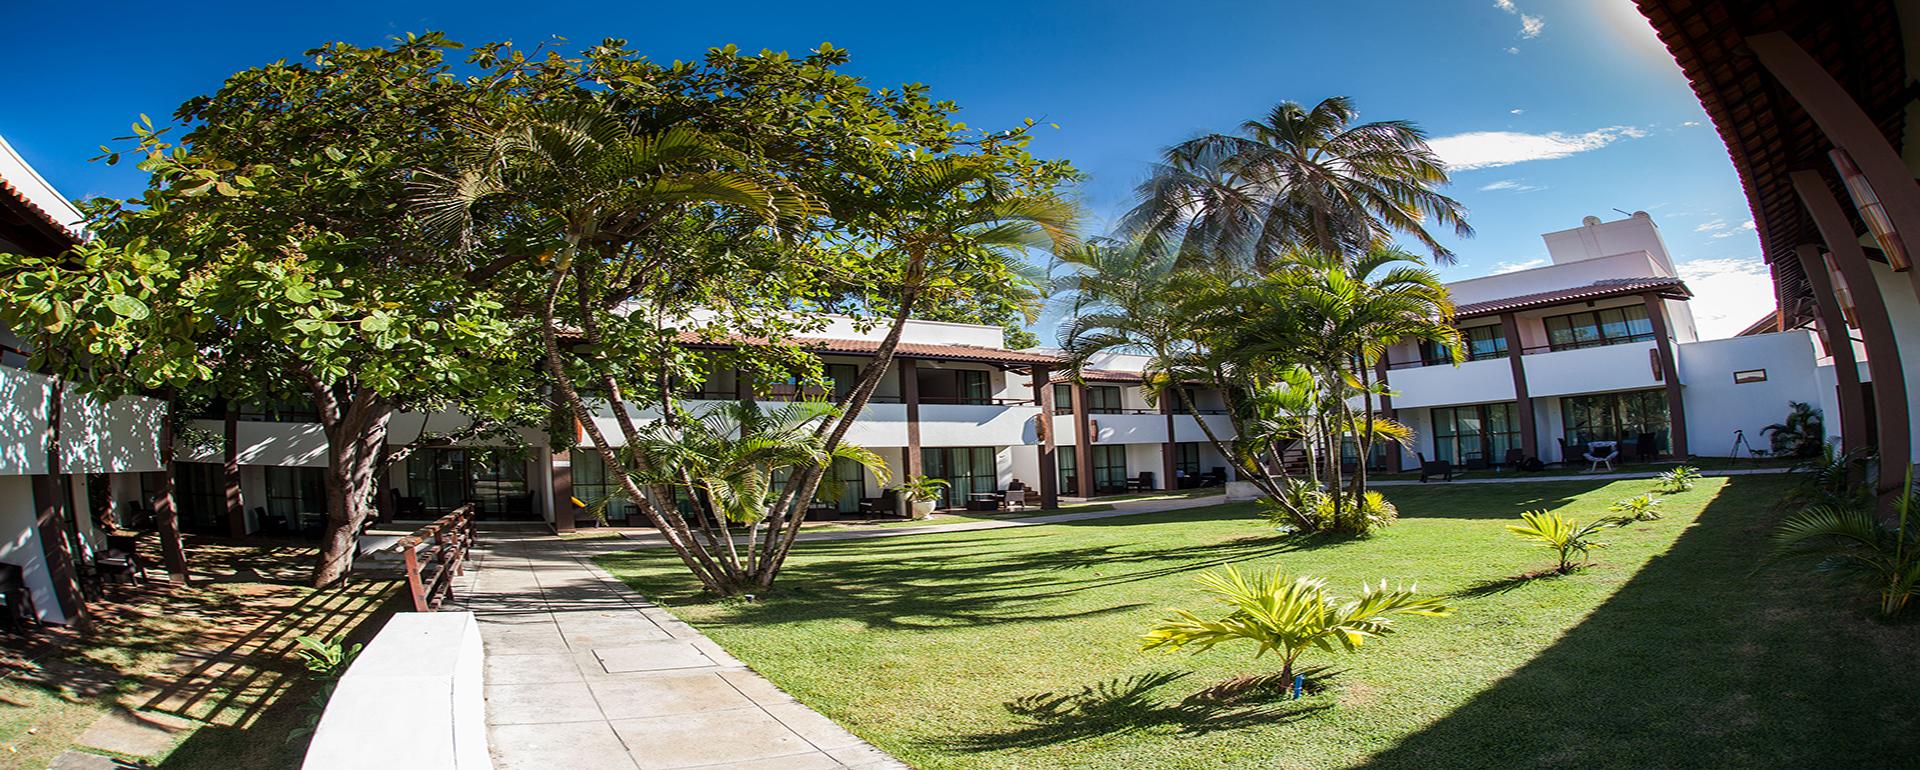 Duro Garden Hotel